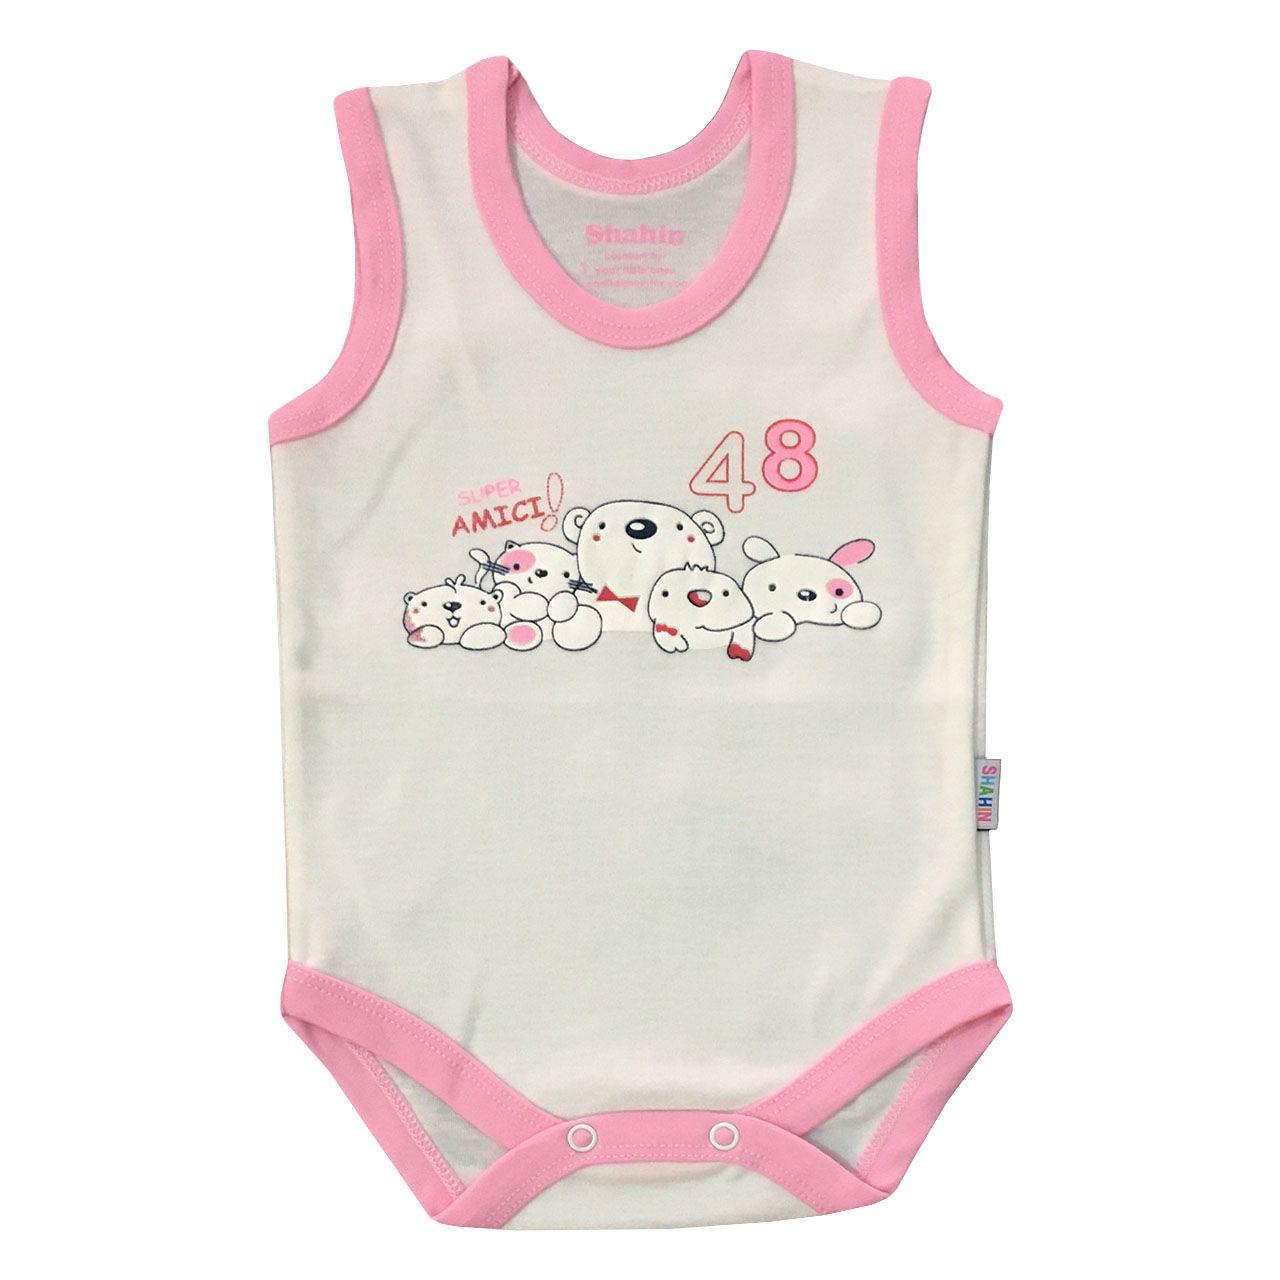 ست 3 تکه لباس نوزادی دخترانه شاهین طرح امیکی کد S -  - 4